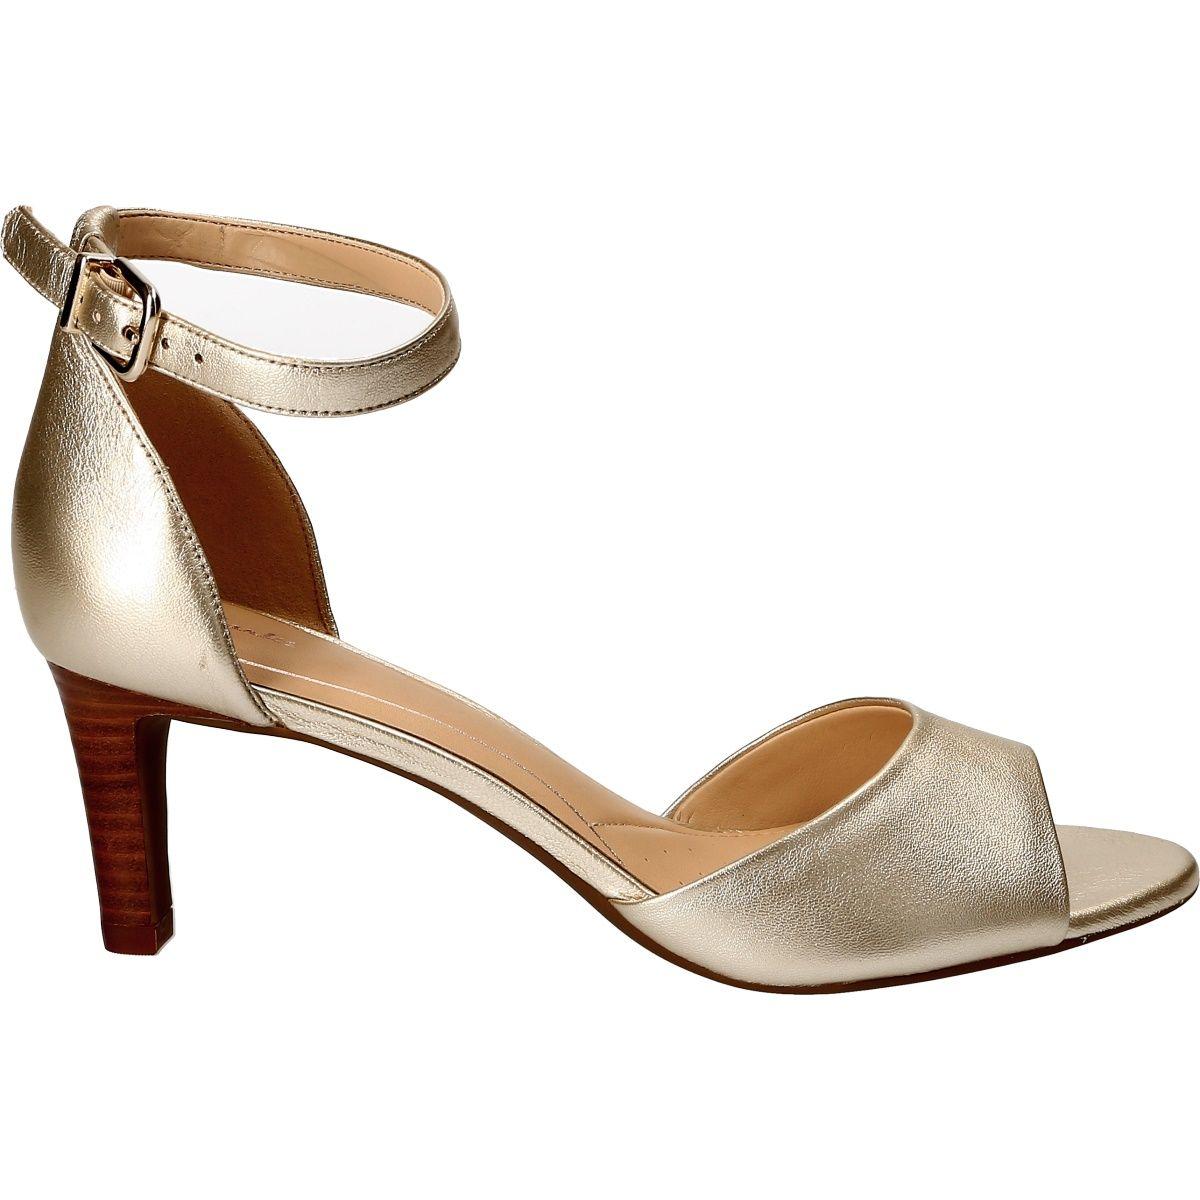 5268479a8d66 Clarks Laureti Grace 26140161 4 Women s shoes Sandals buy shoes at ...